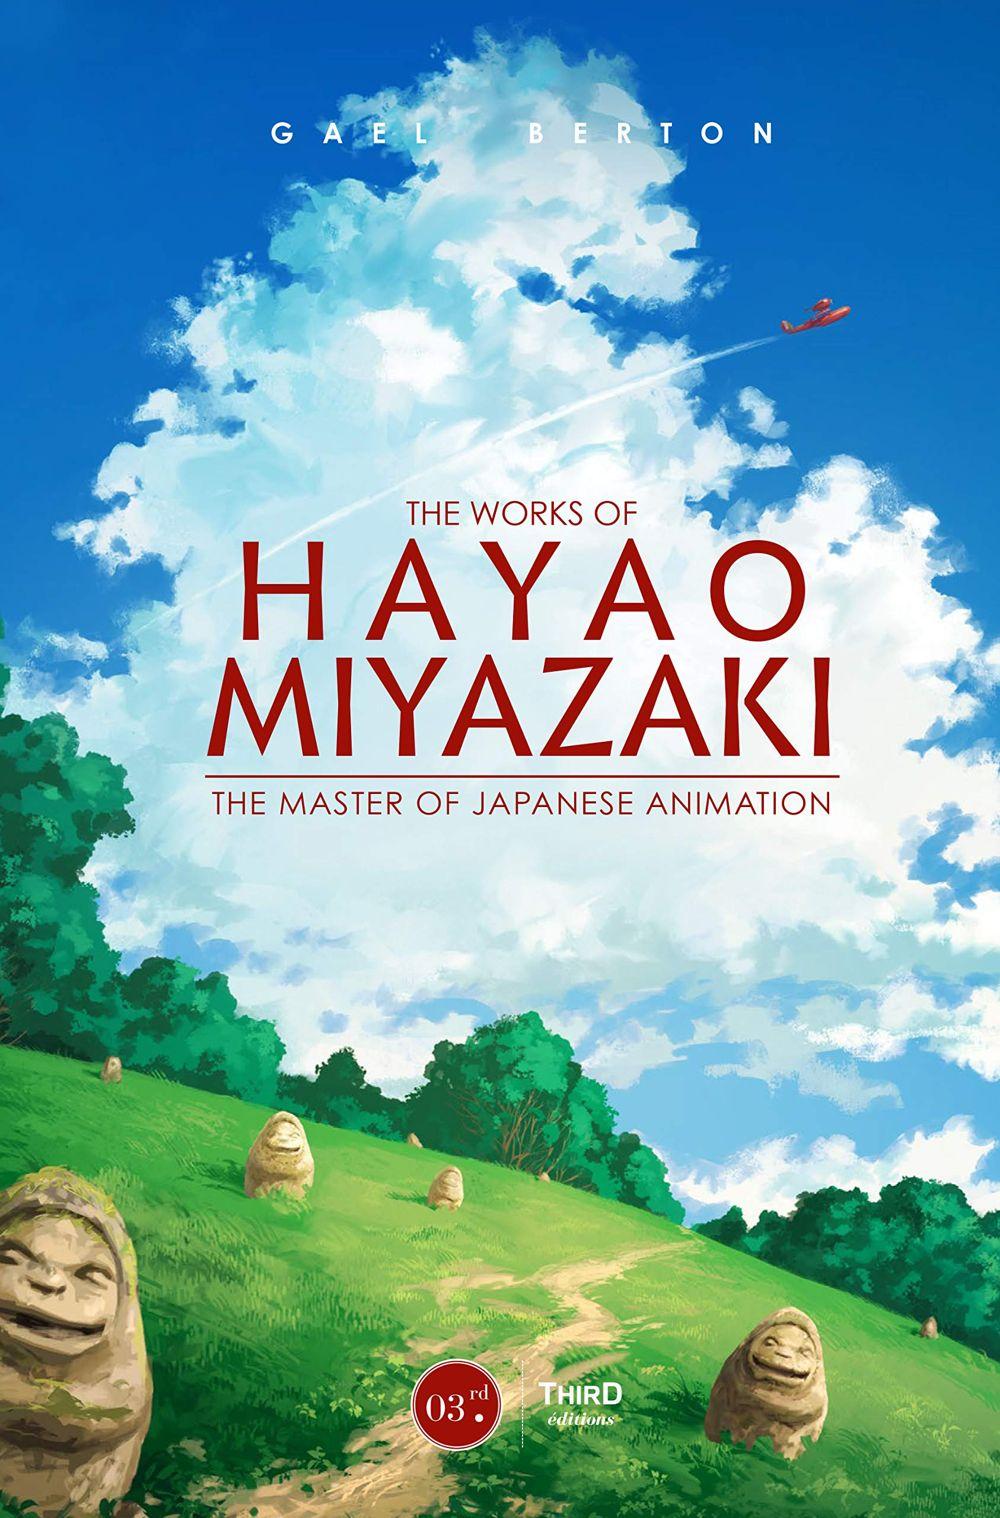 The Works of Hayao Miyazaki: The Master of Japanese Animation